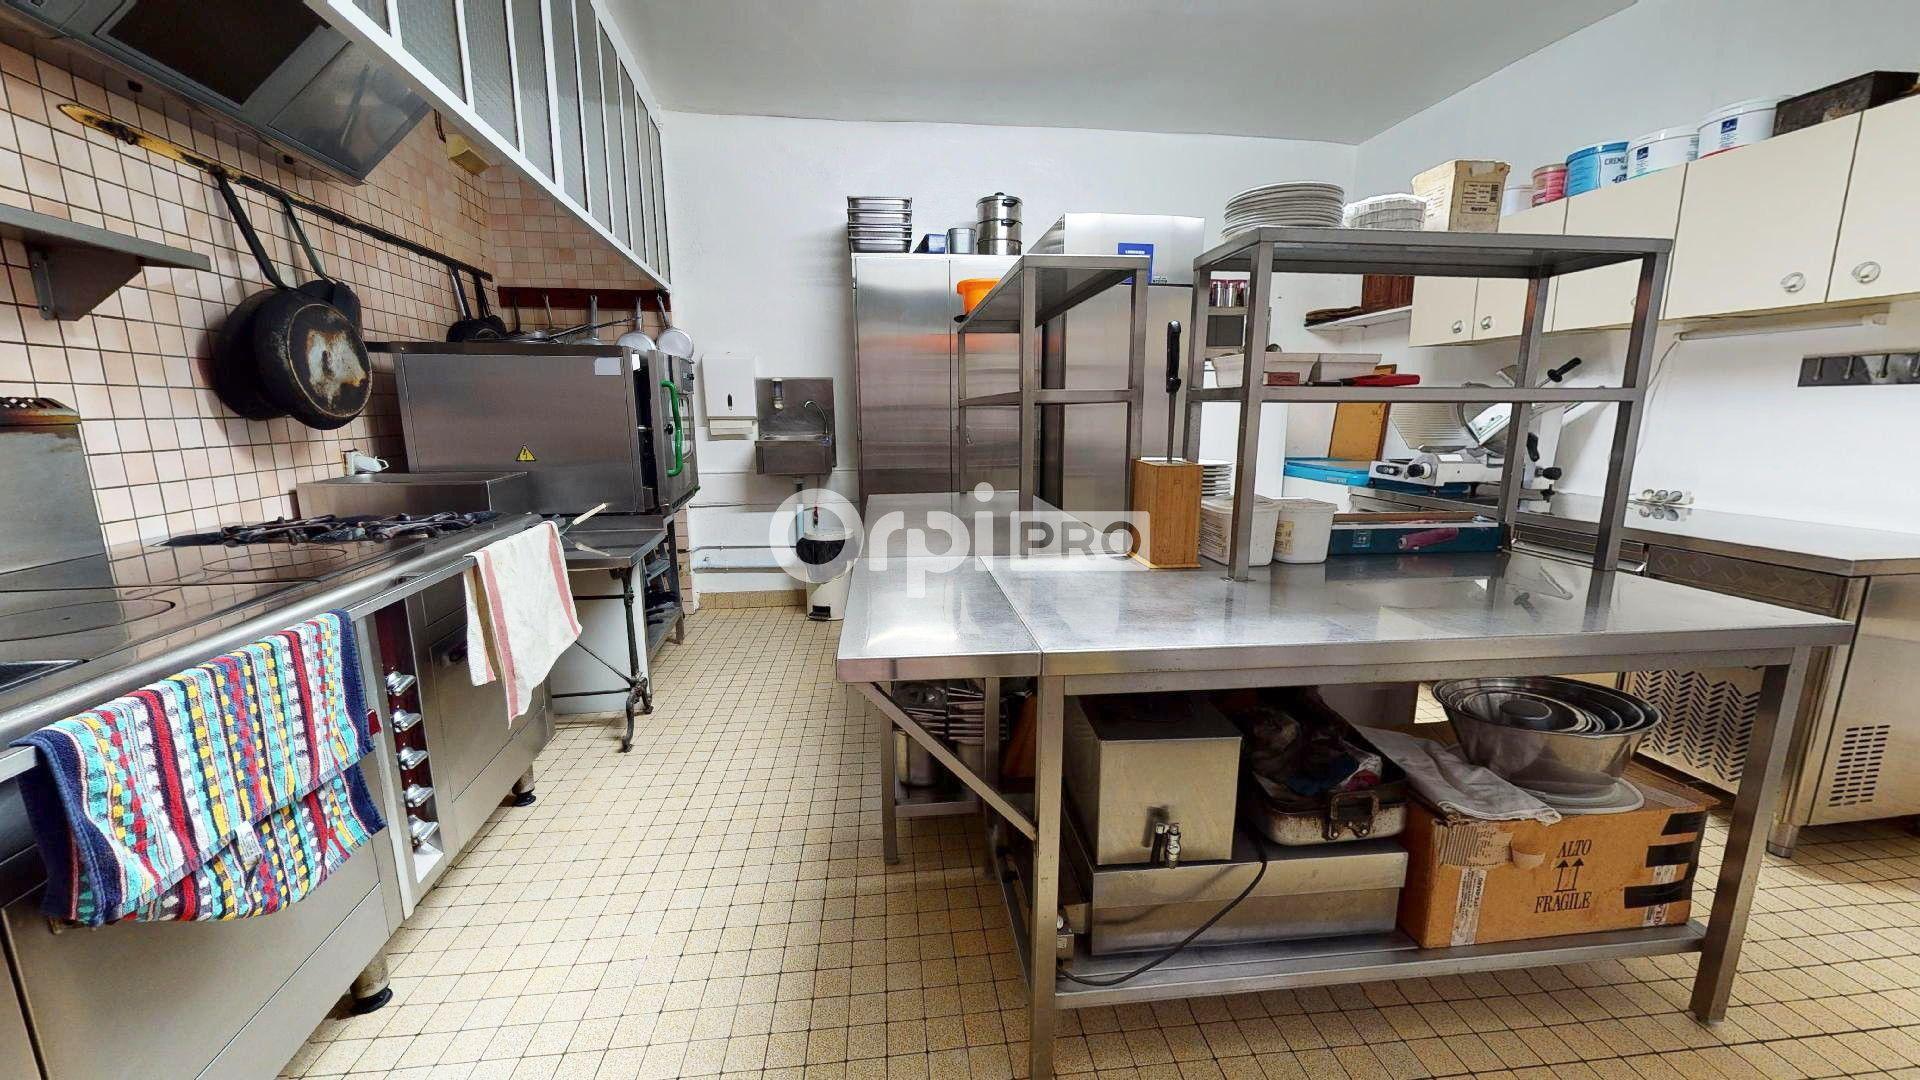 Fonds de commerce à vendre 0 396.03m2 à Villars-les-Dombes vignette-3